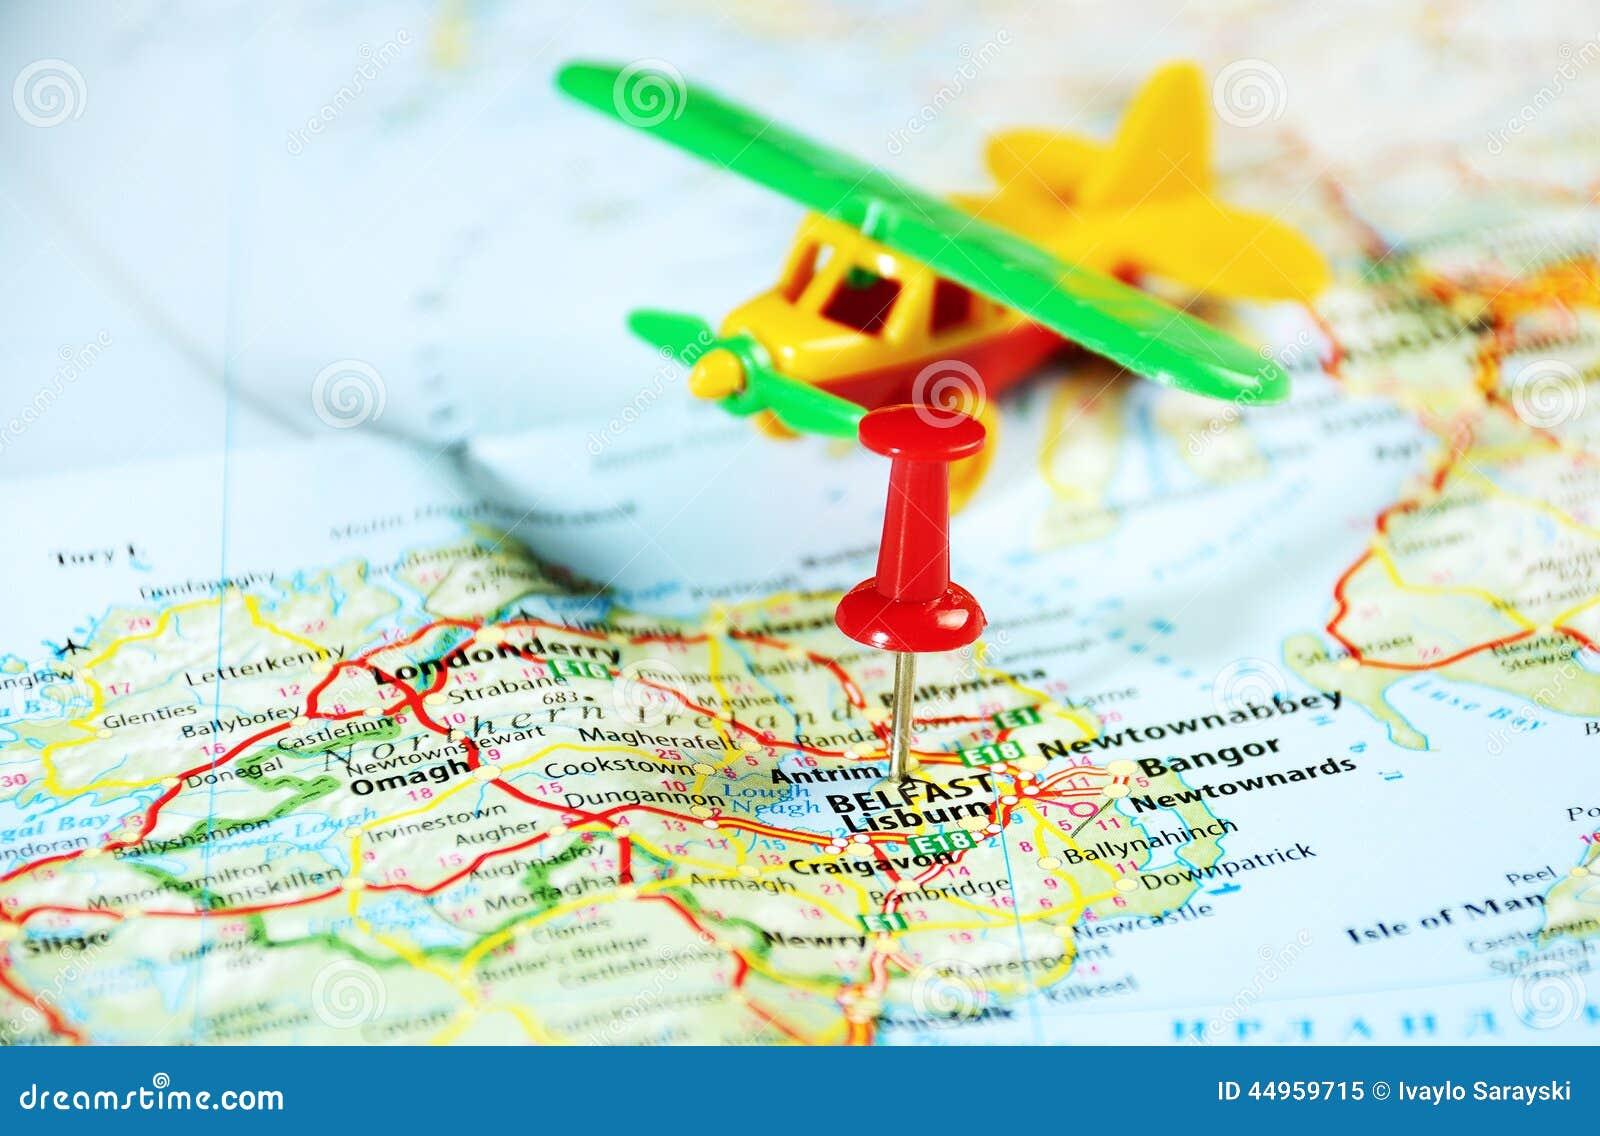 Belfast Ireland ,United Kingdom Map Airplane Stock Image - Image of ...